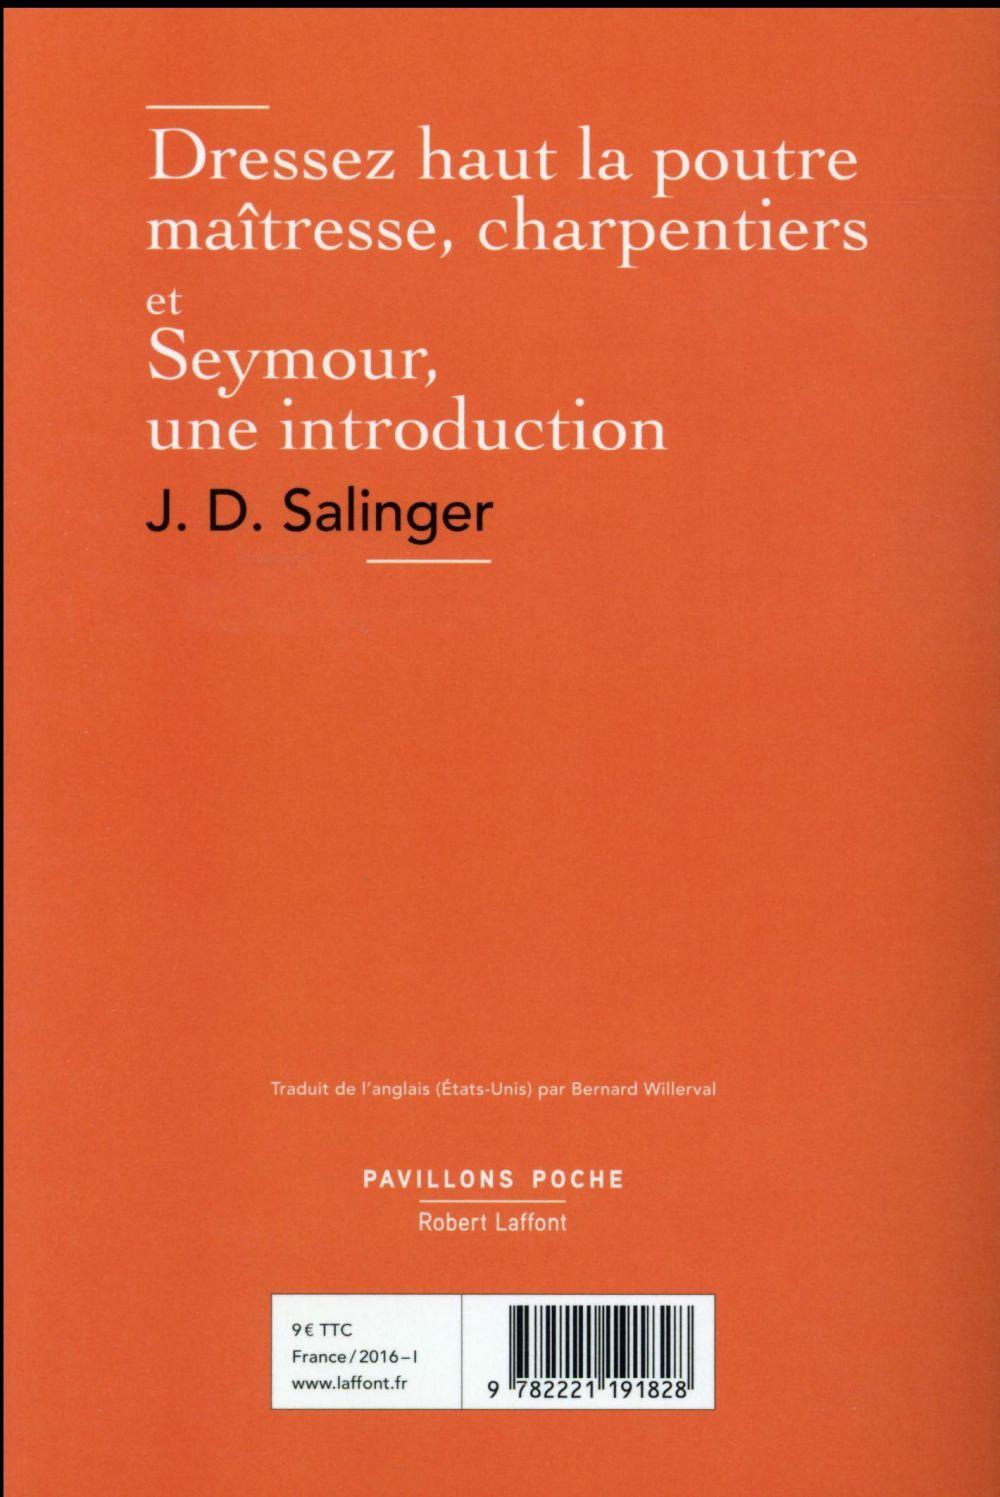 Dressez haut la poutre maîtresse, charpentiers ; Seymour, une introduction